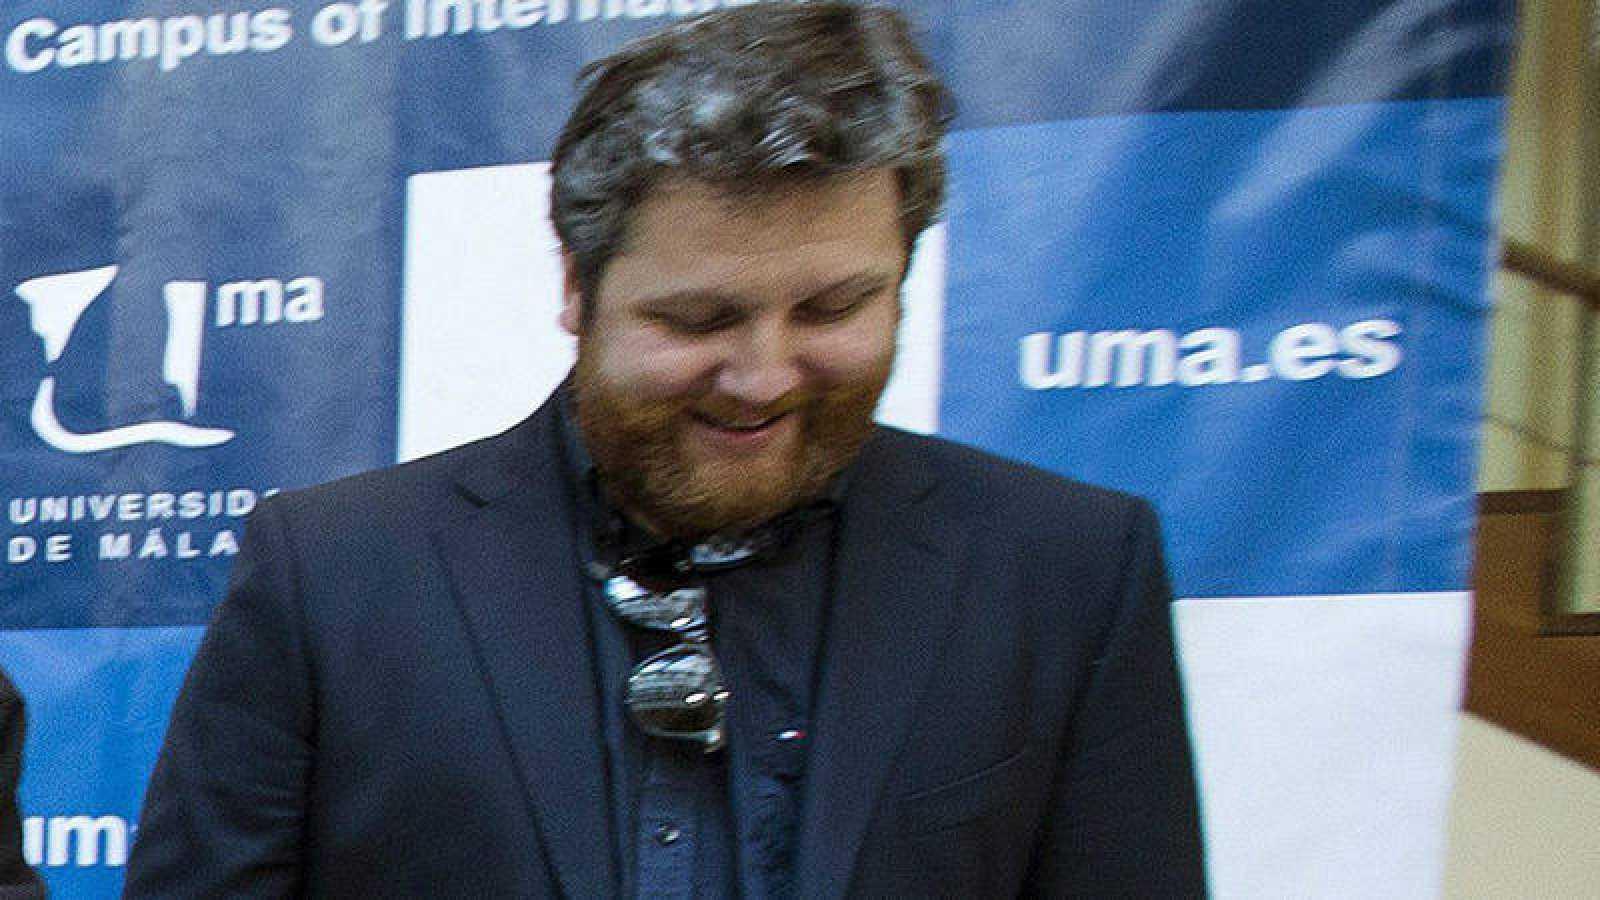 David Gistau al inicio de una mesa redonda durante las jornadas sobre Columnismo de Opinión organizadas por la Universidad de Málaga (09/01/2014)